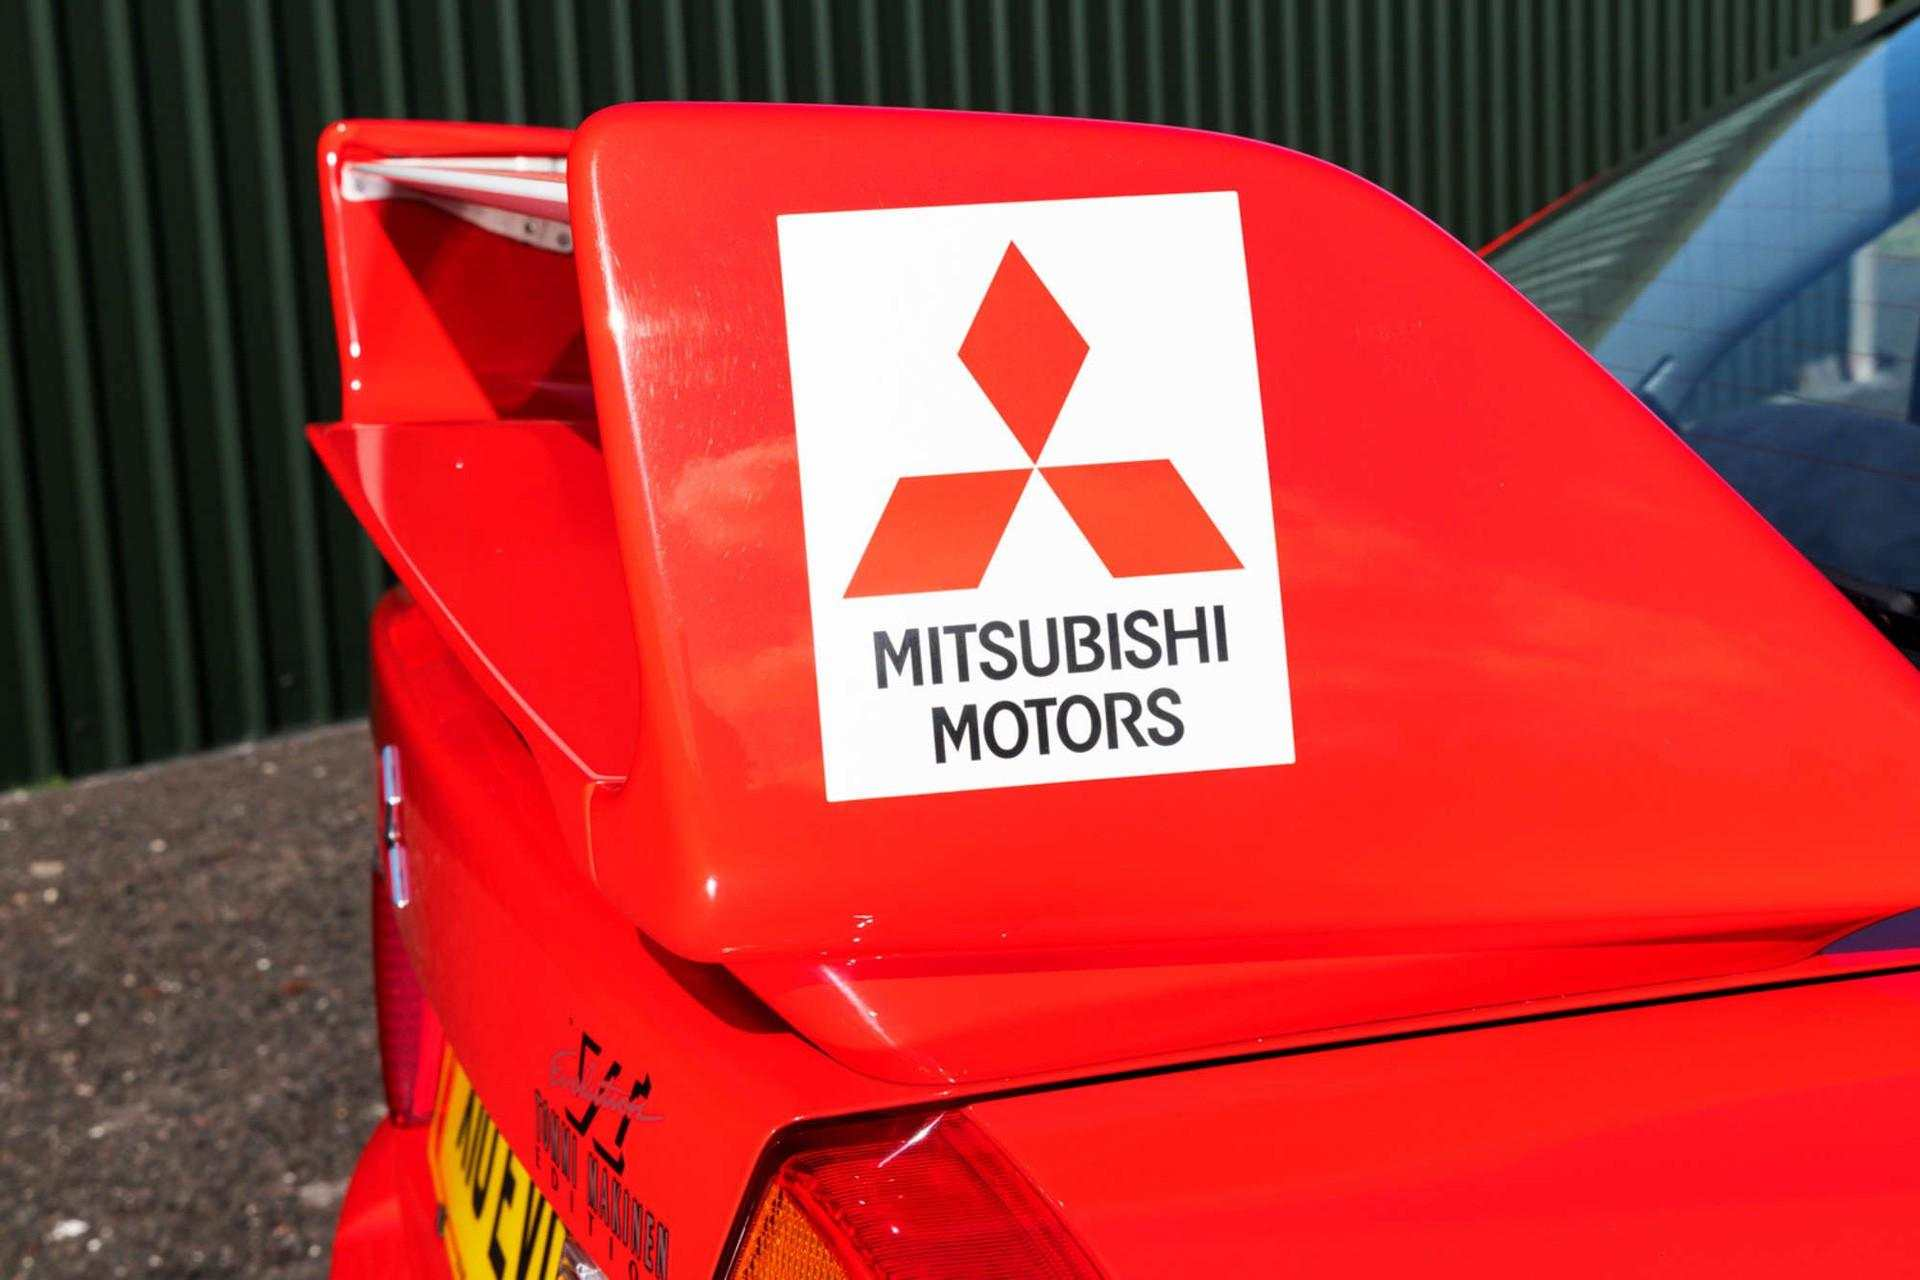 2000_Mitsubishi_Lancer_Evolution_VI_Tommi_Makinen_Edition_sale-0019